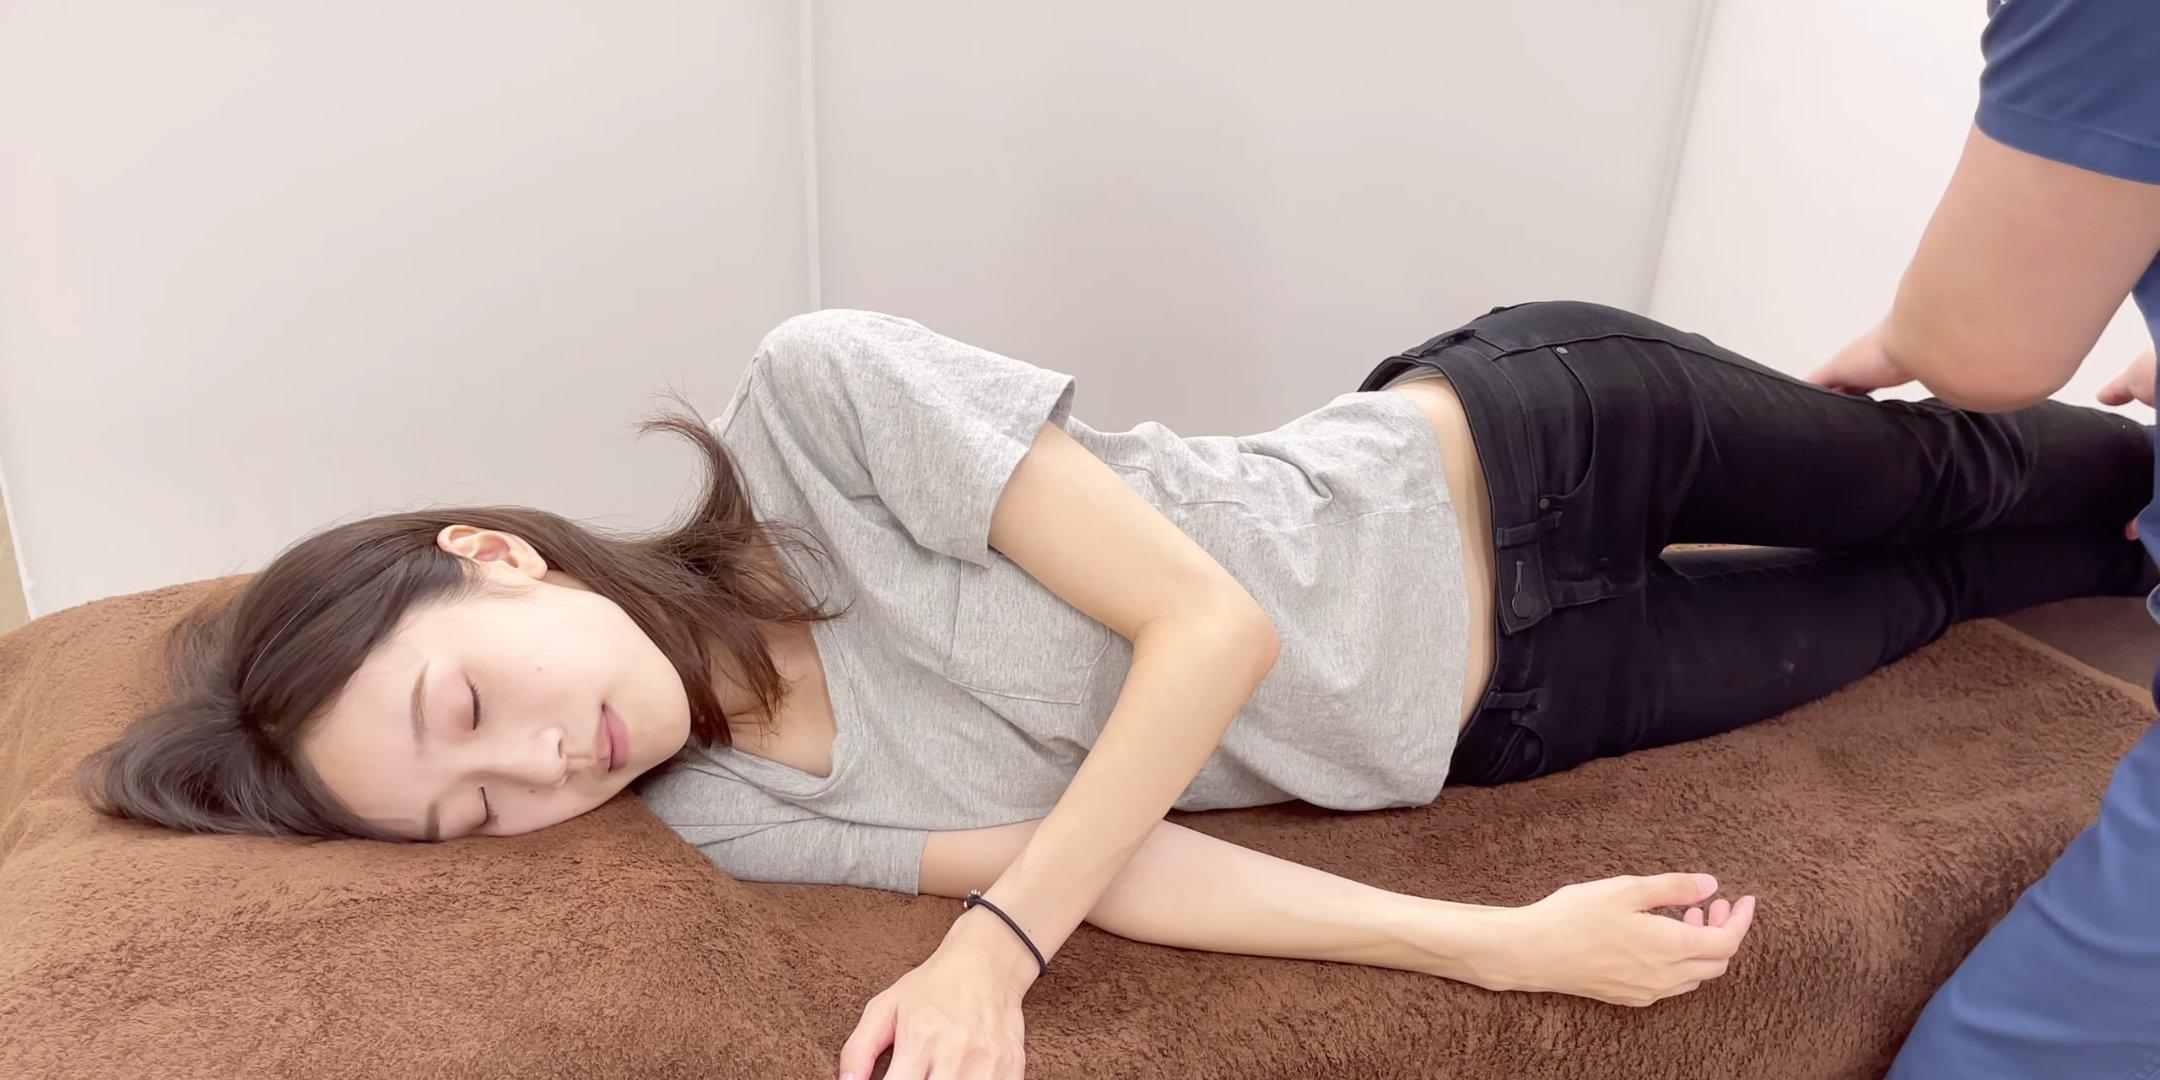 【動画像】美人バレリーナ(21)さん、整体されて純白の下着が見えてしまうw